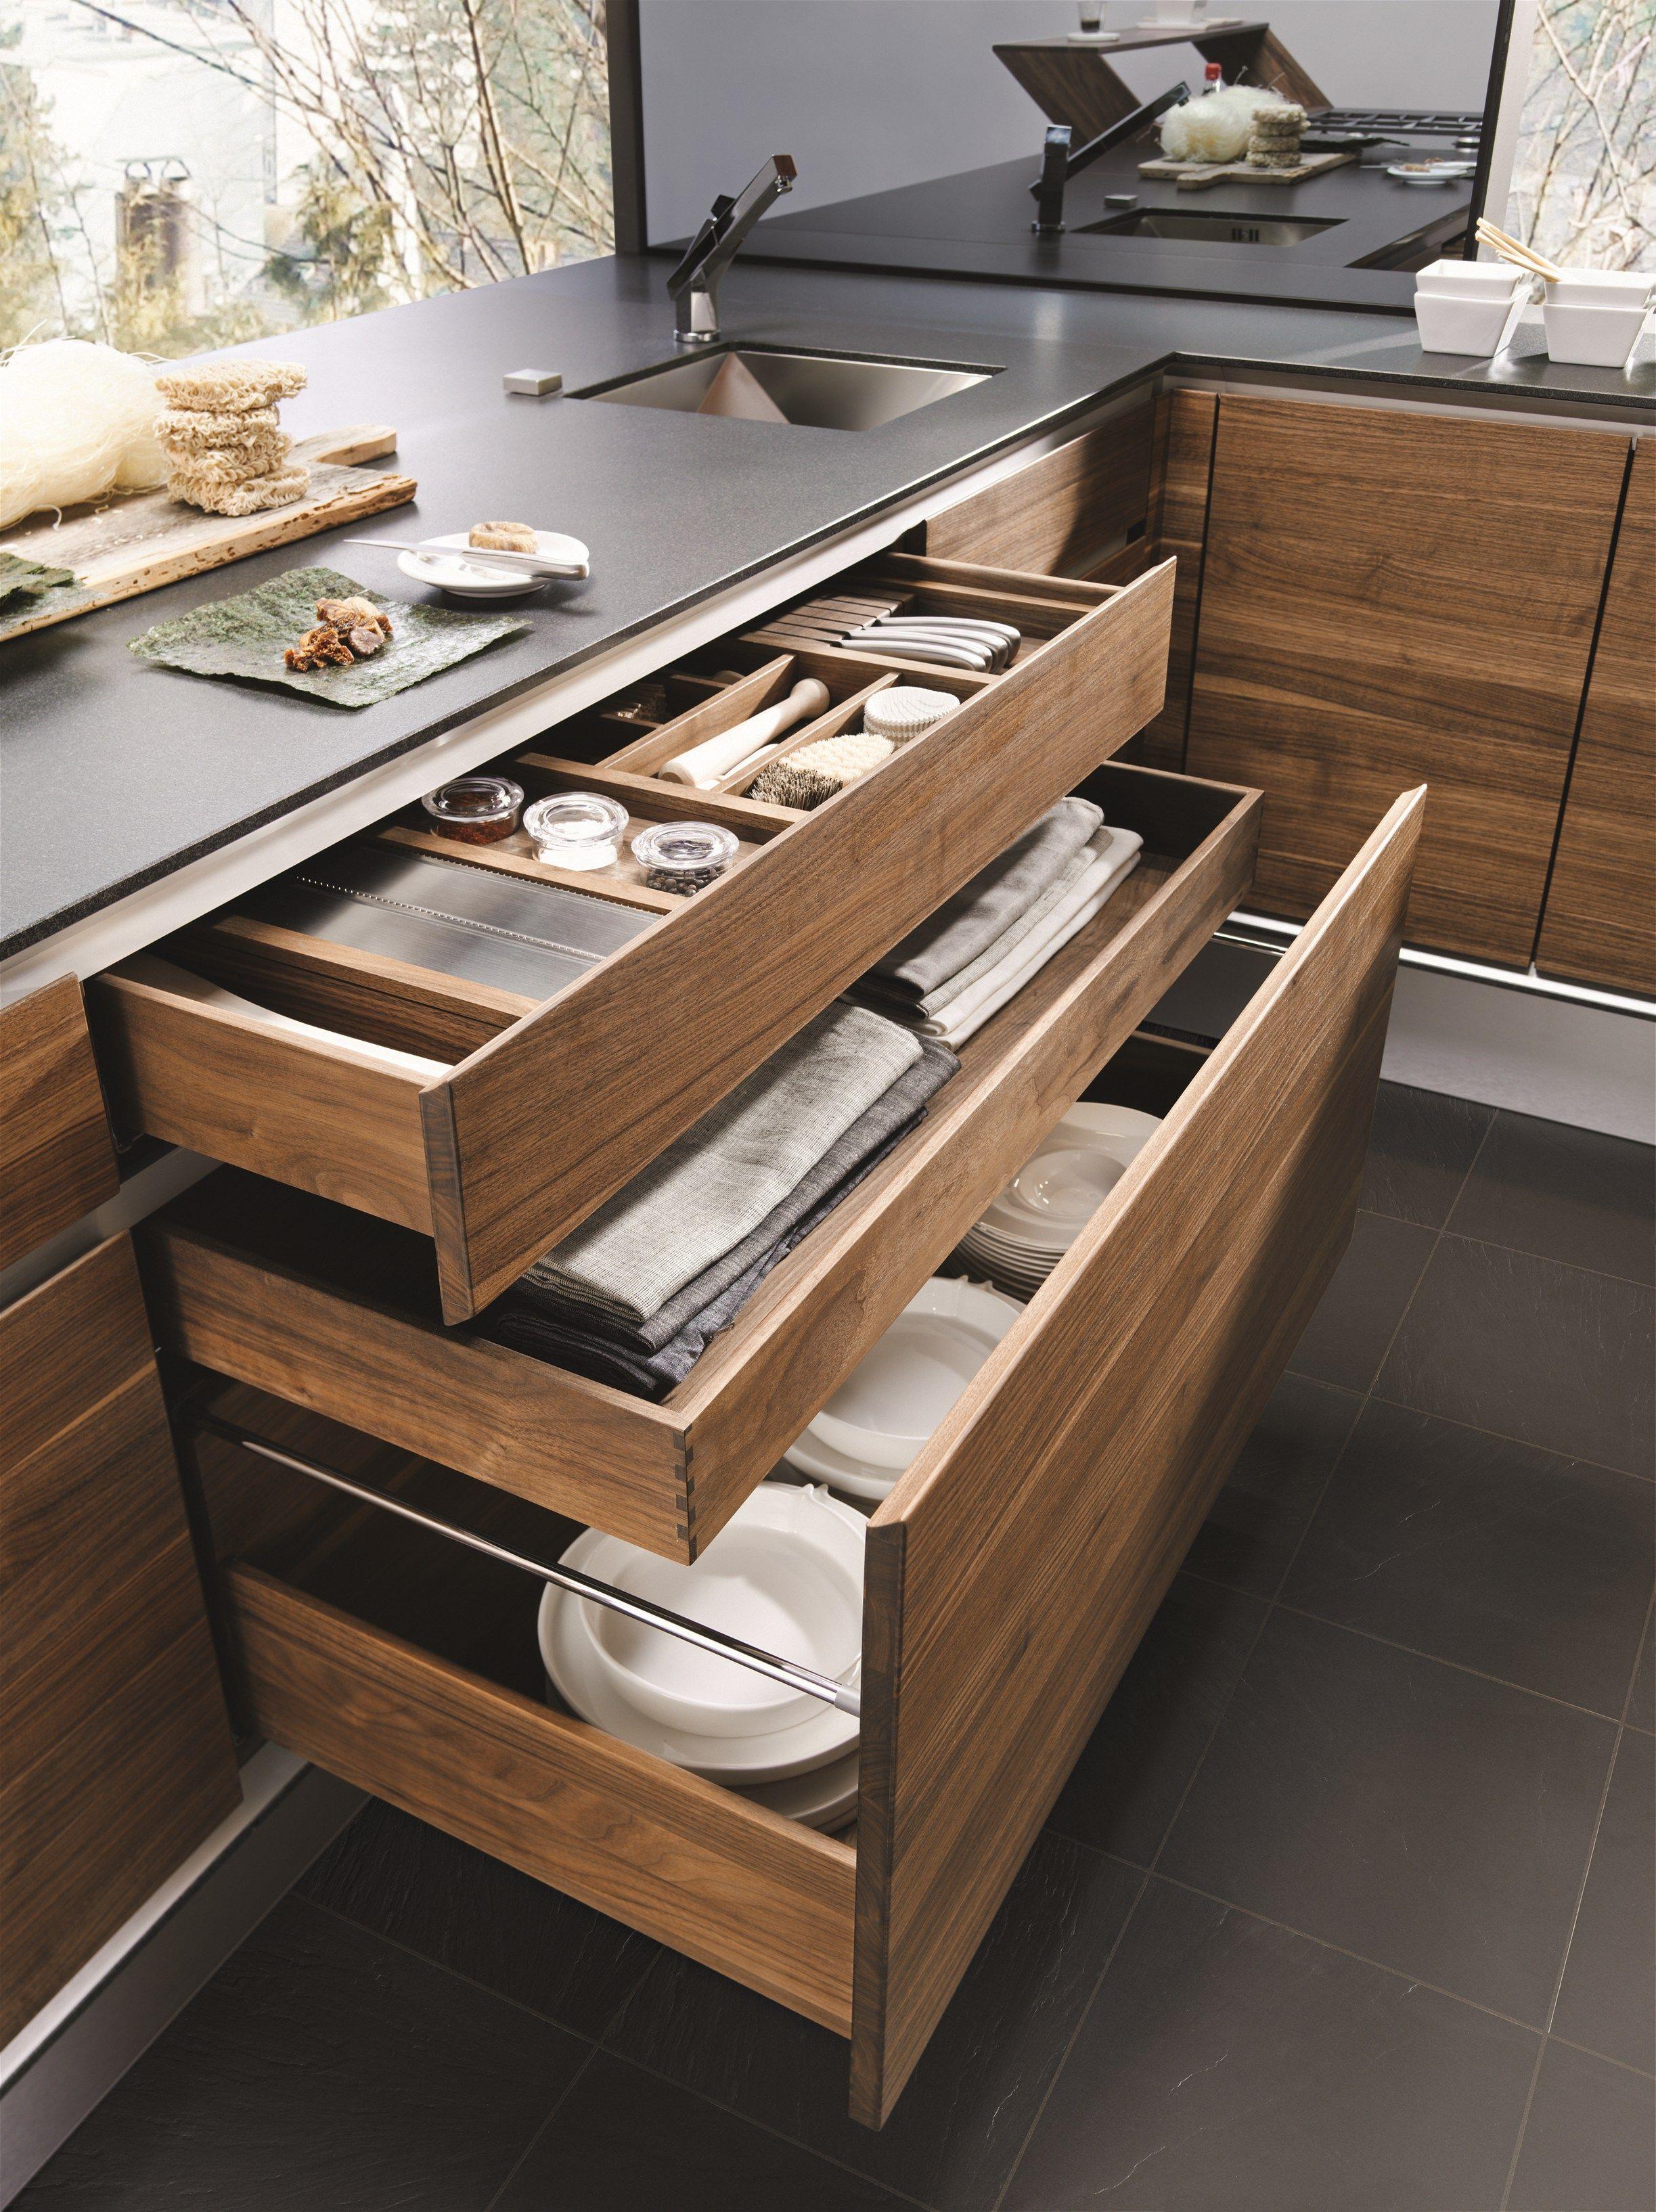 Costarealty m s que una inmobiliaria web www for Muebles de cocina de madera maciza catalogo